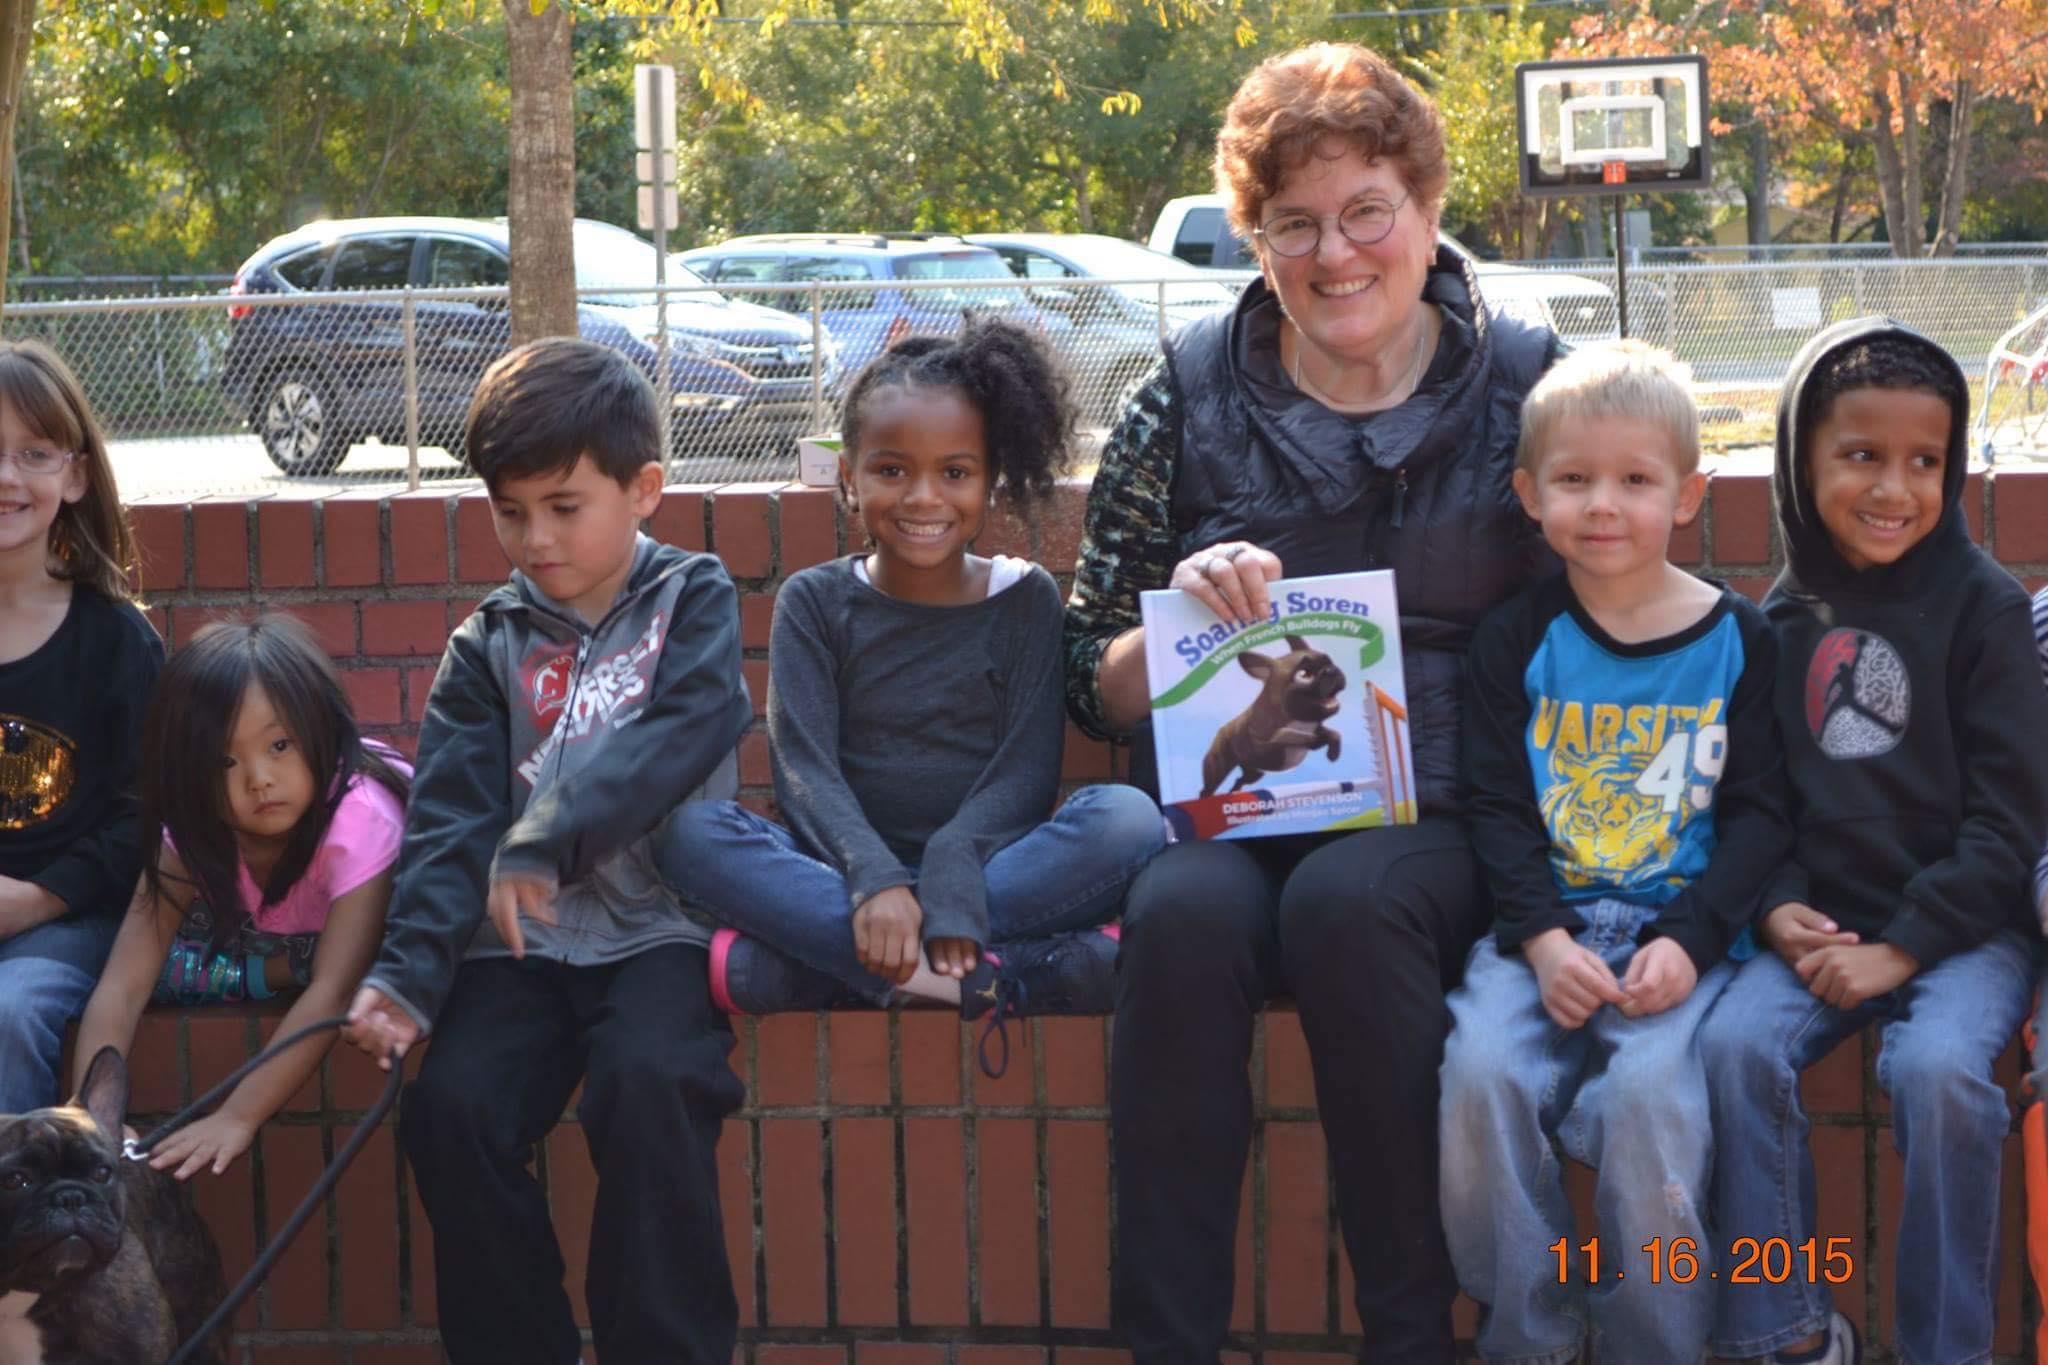 School visit in Craven County, NC